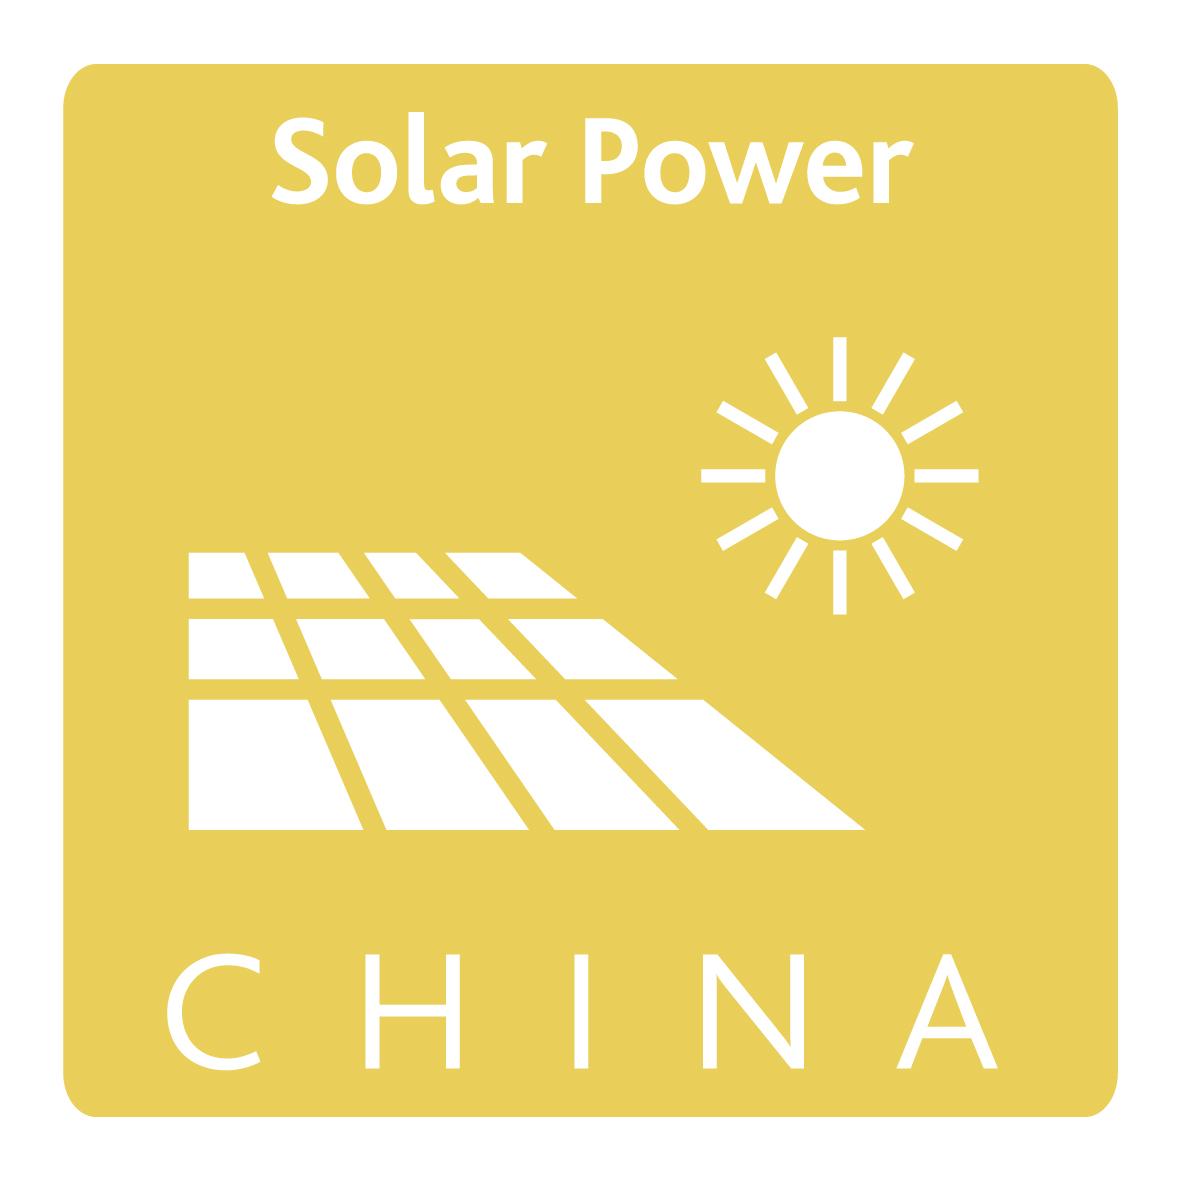 Solar Power Expo China 2019